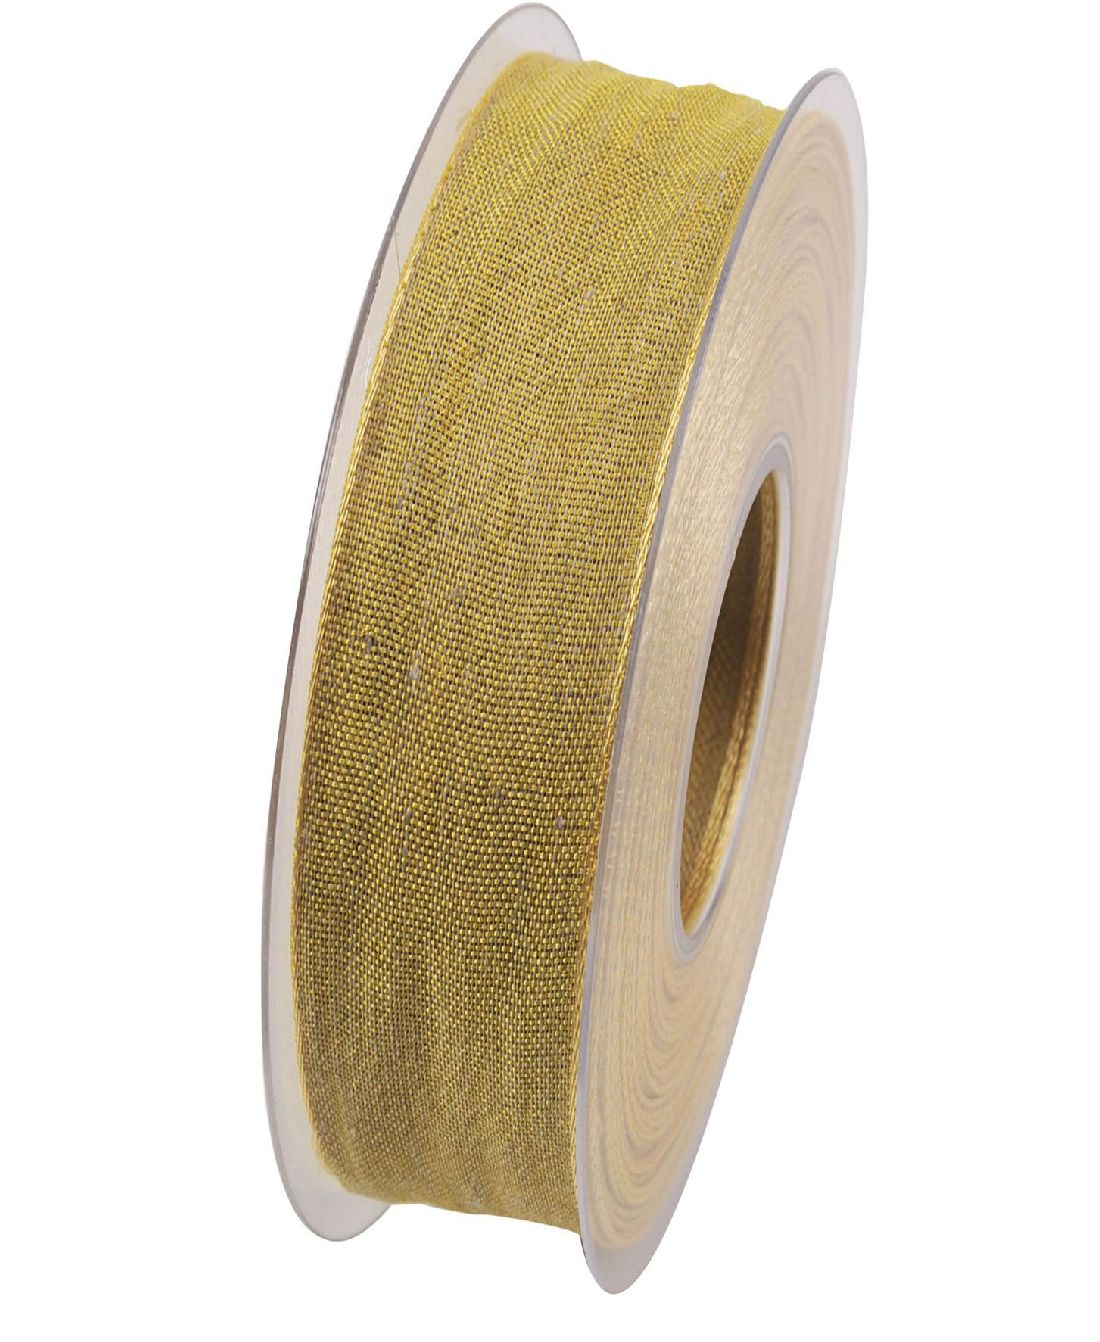 Band Botswana Leinenband GELB X092 122 25mm  20Meter Drahtkante